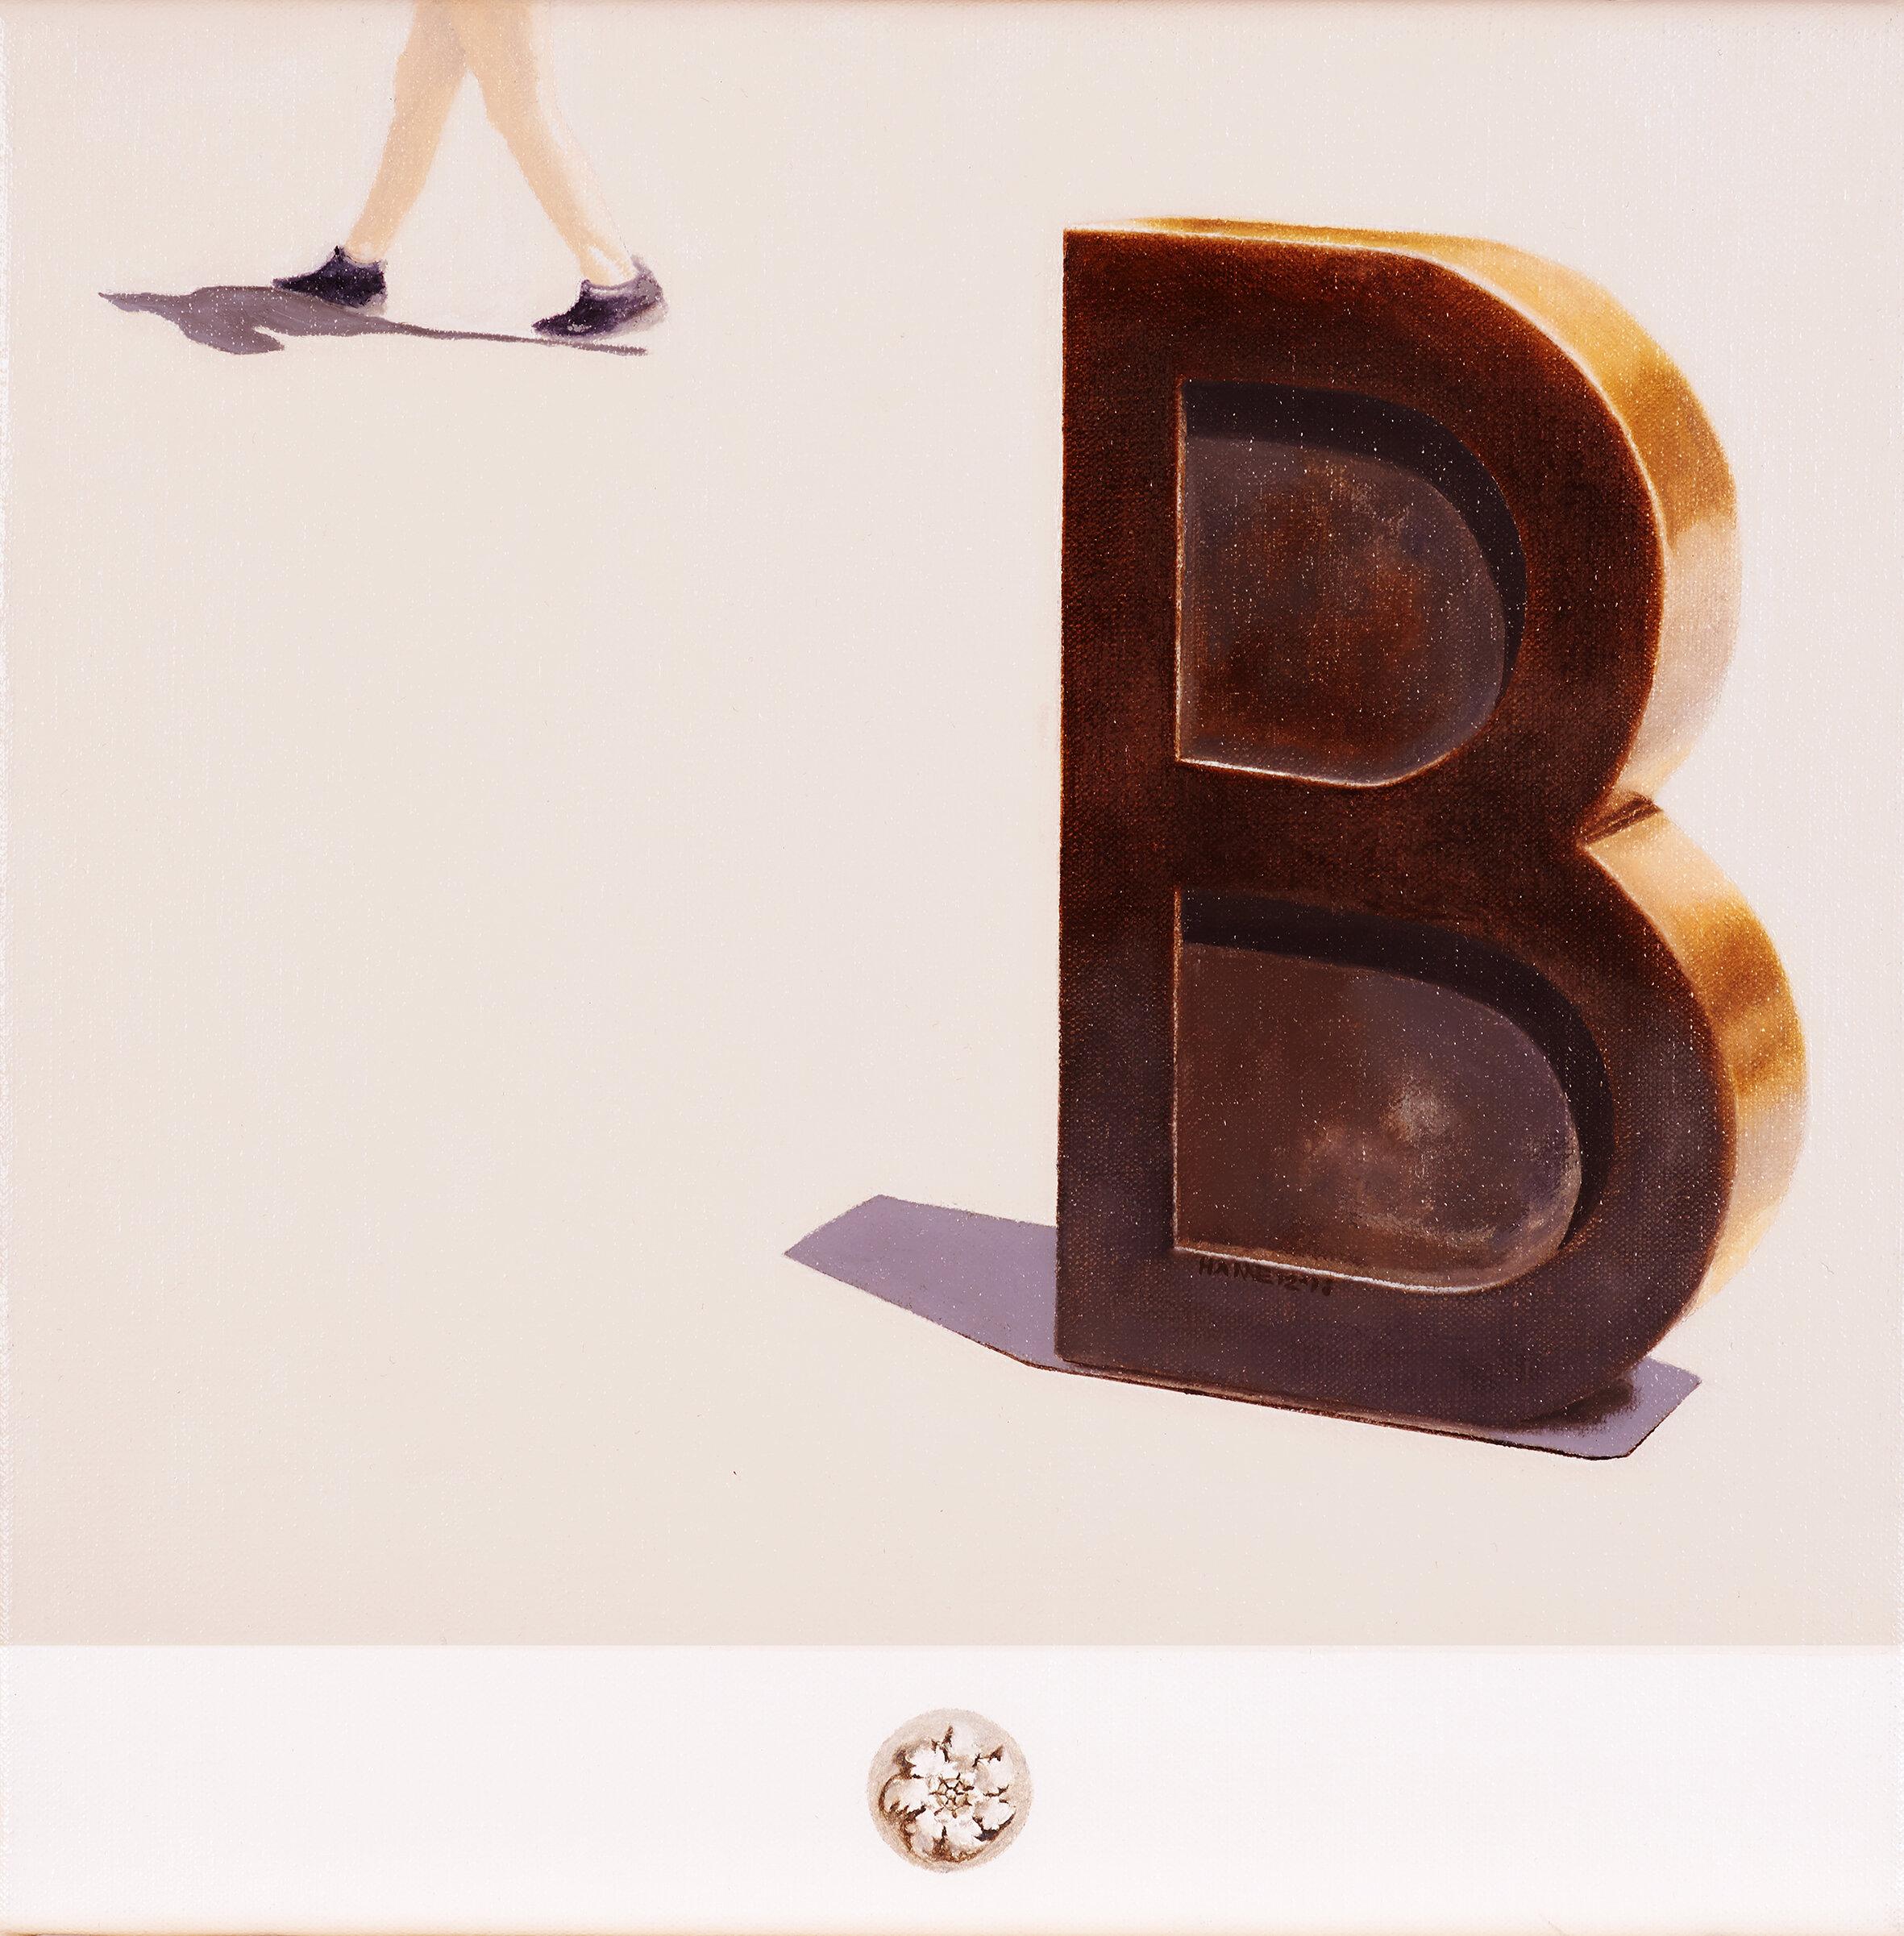 Barcino Joan Brossa, 'Bàrcino',  Barcellona, Spagna, 1994 2018 Olio su lino; 33 x 33 cm © della poesia urbana di Joan Brossa, Fundazione Joan Brossa, 2019 € 565